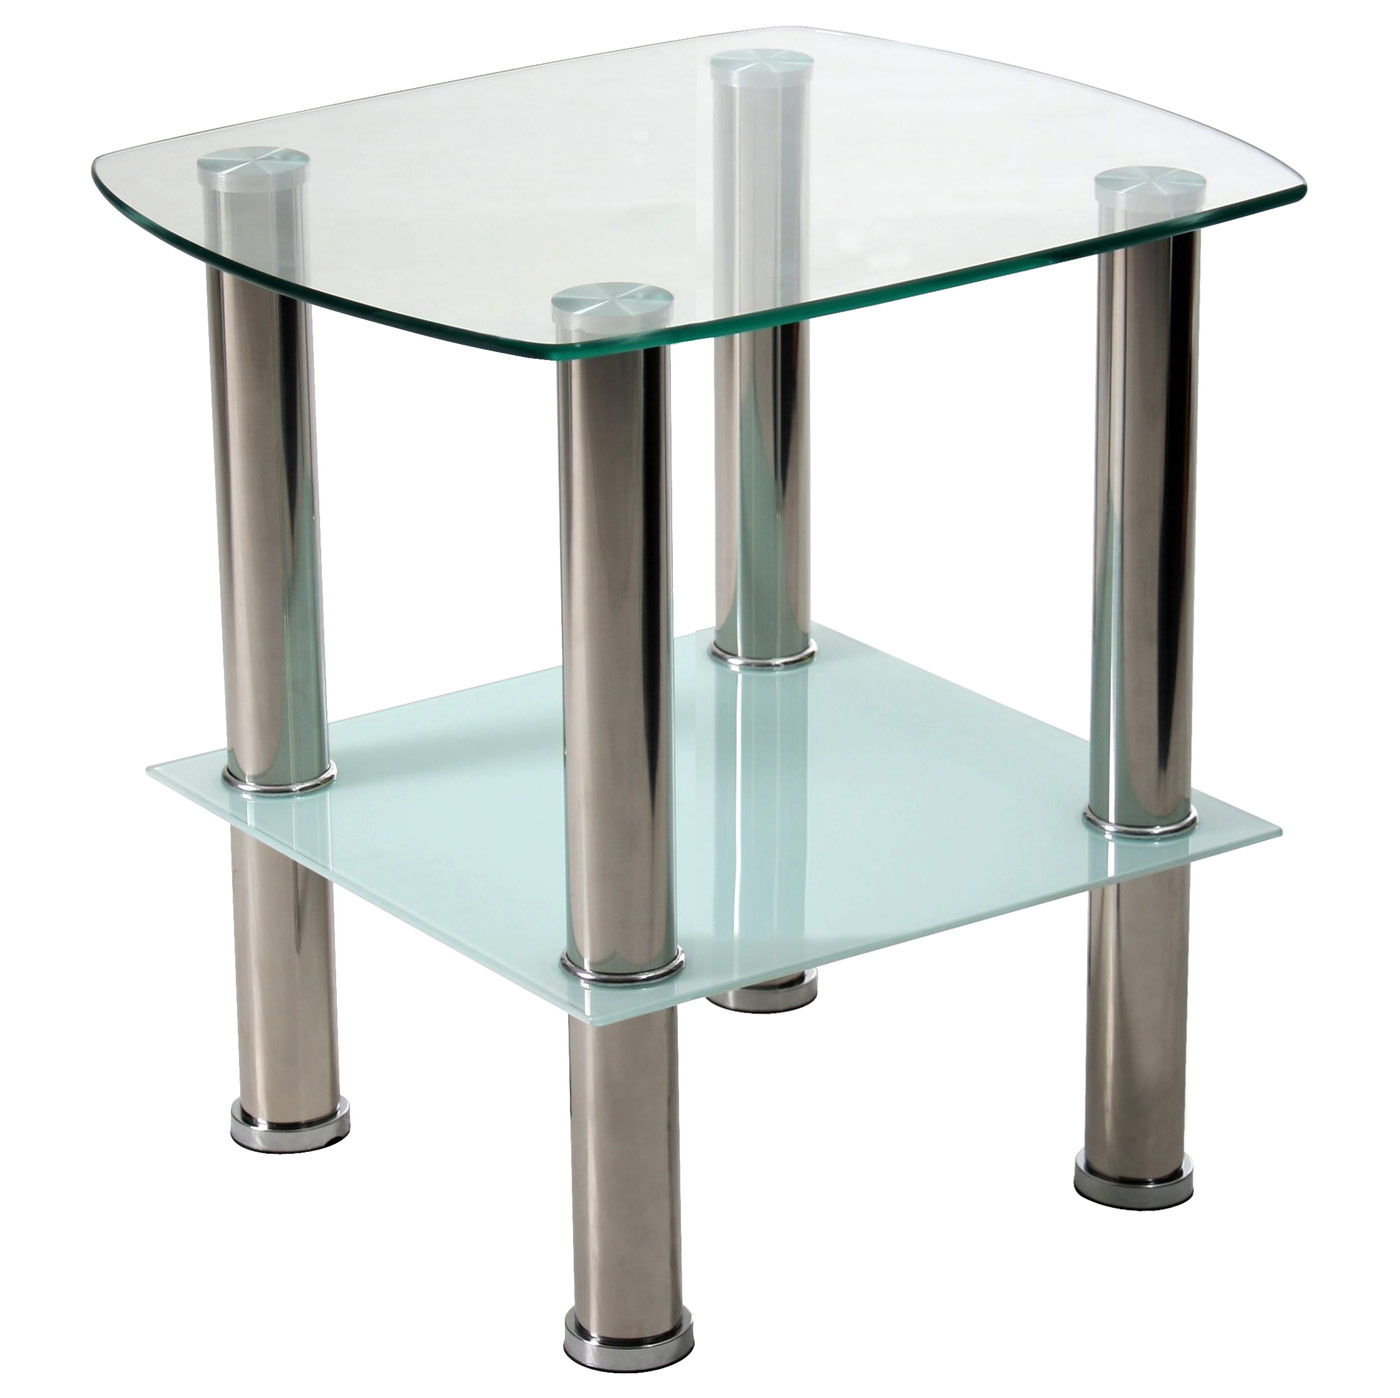 FG3, Couchtisch Wohnzimmertisch, mit 2 Glasplatten, Edelstahl ...